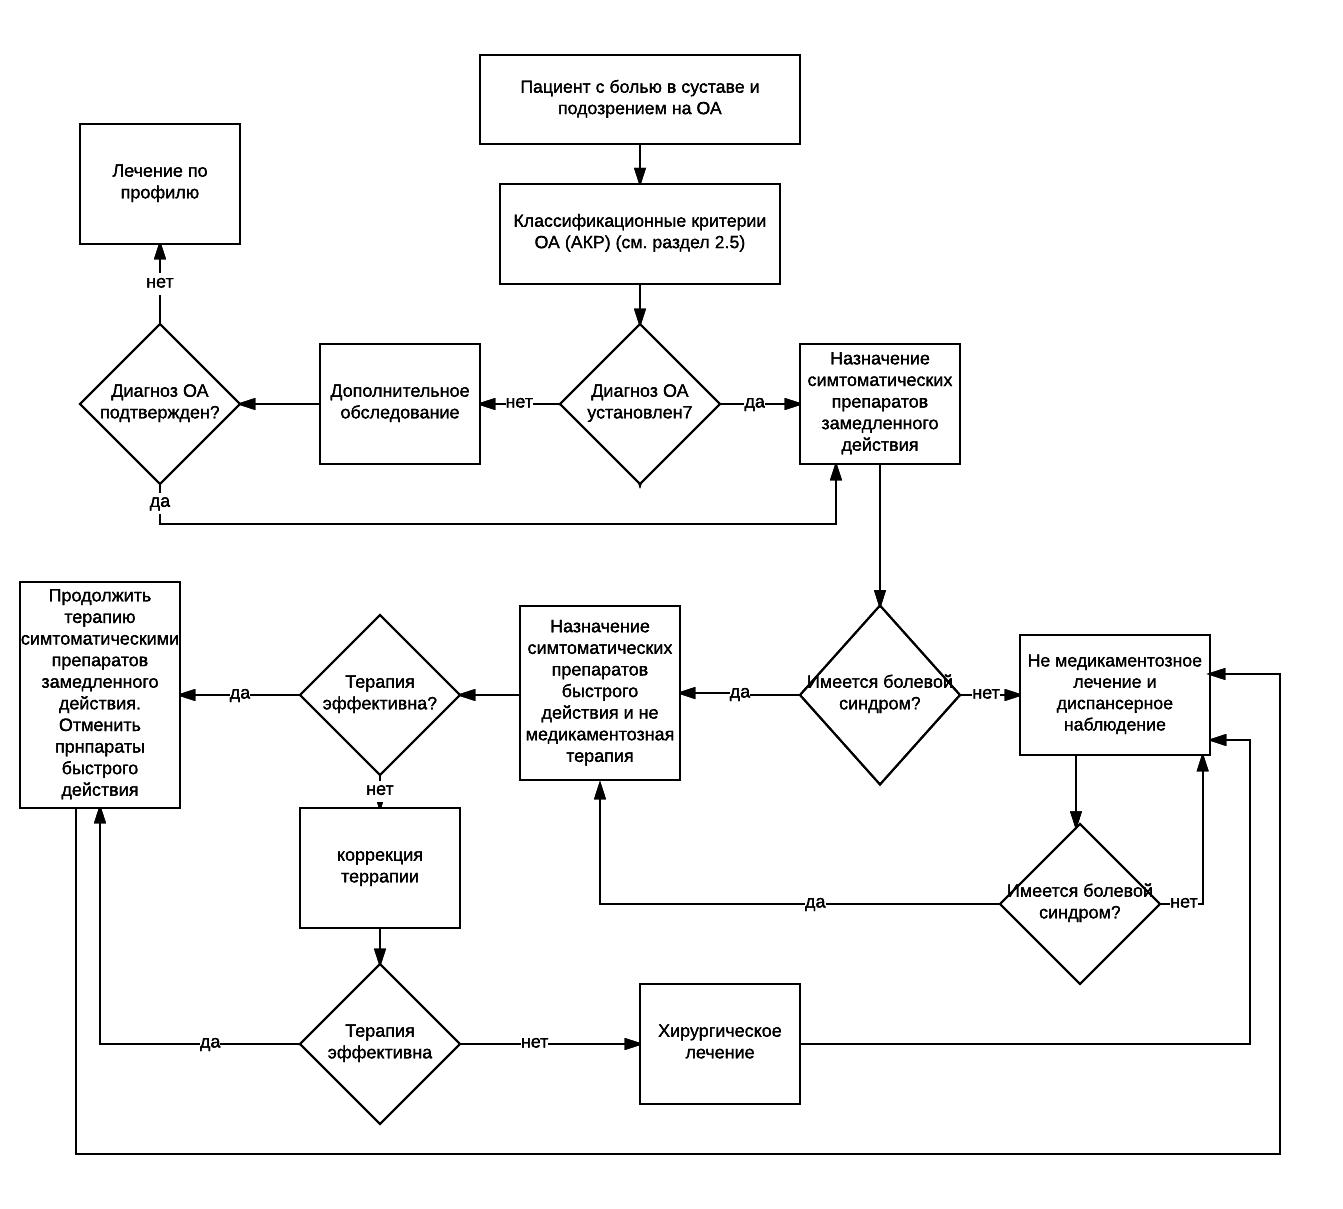 Остеоартроз федеральные клинические рекомендации